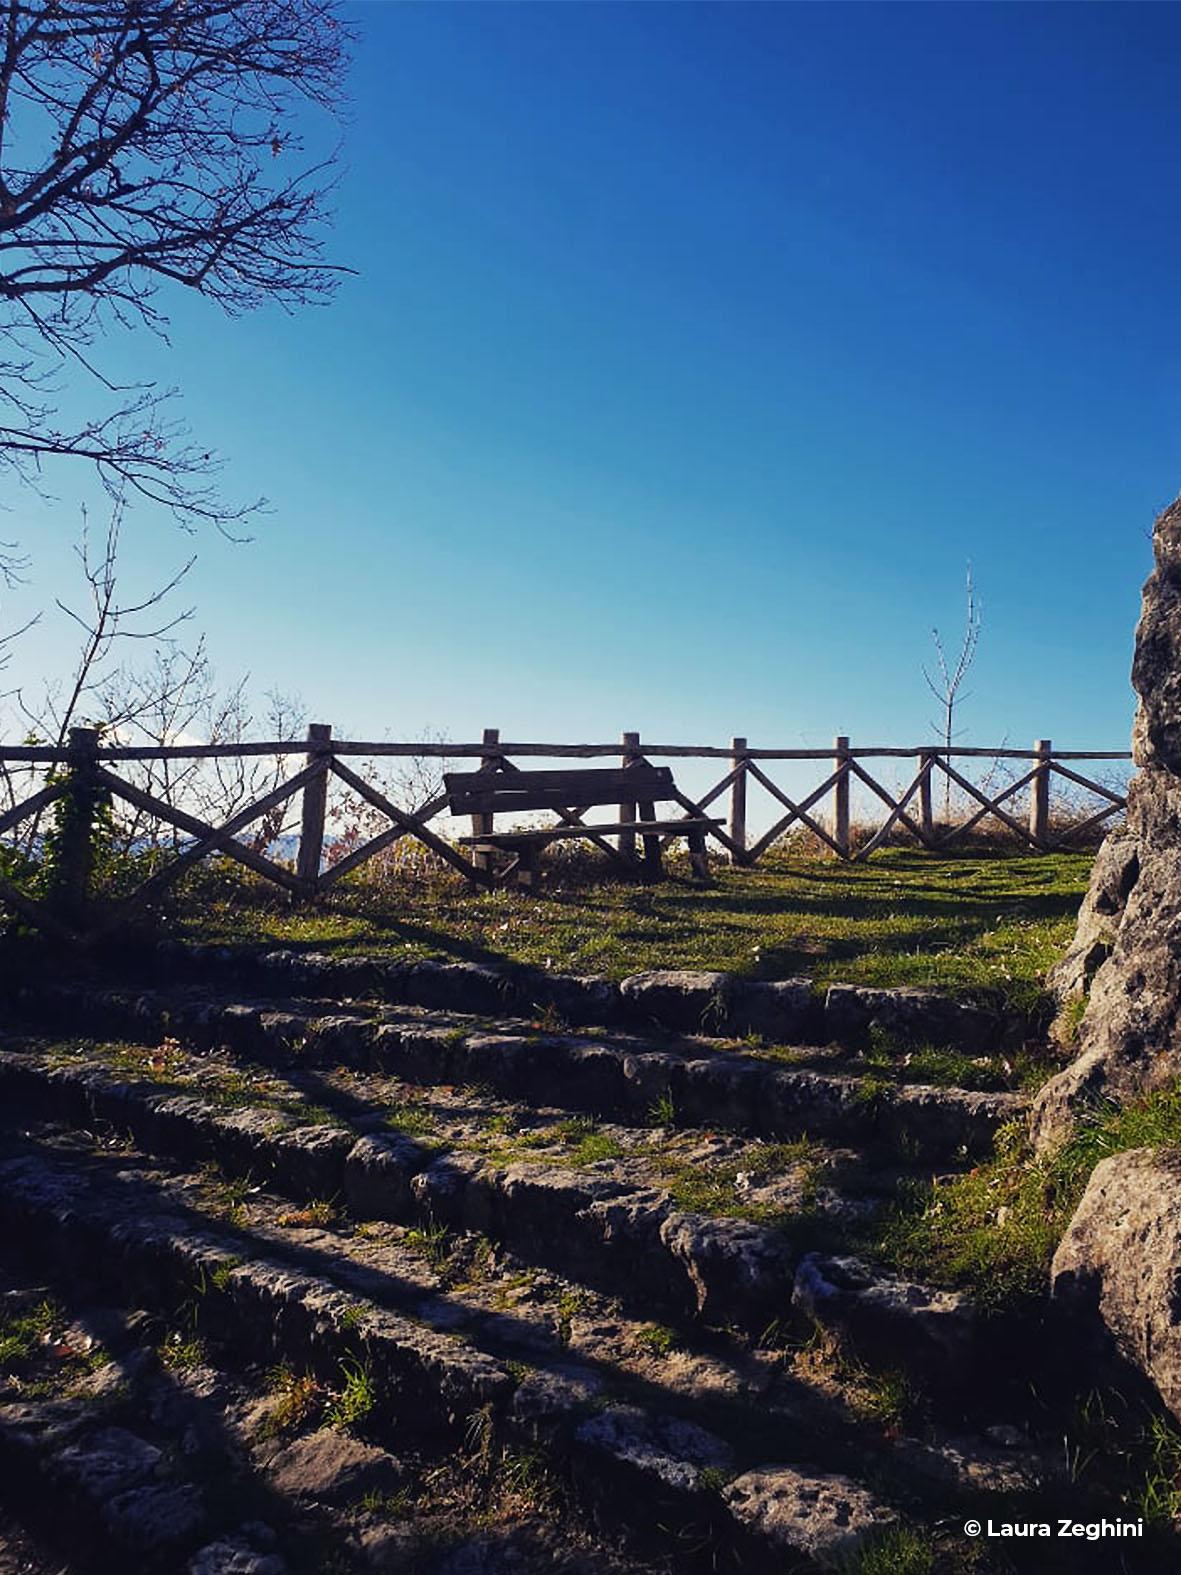 progettoidea chiusi della verna - roccia di adamo (©laura zeghini)